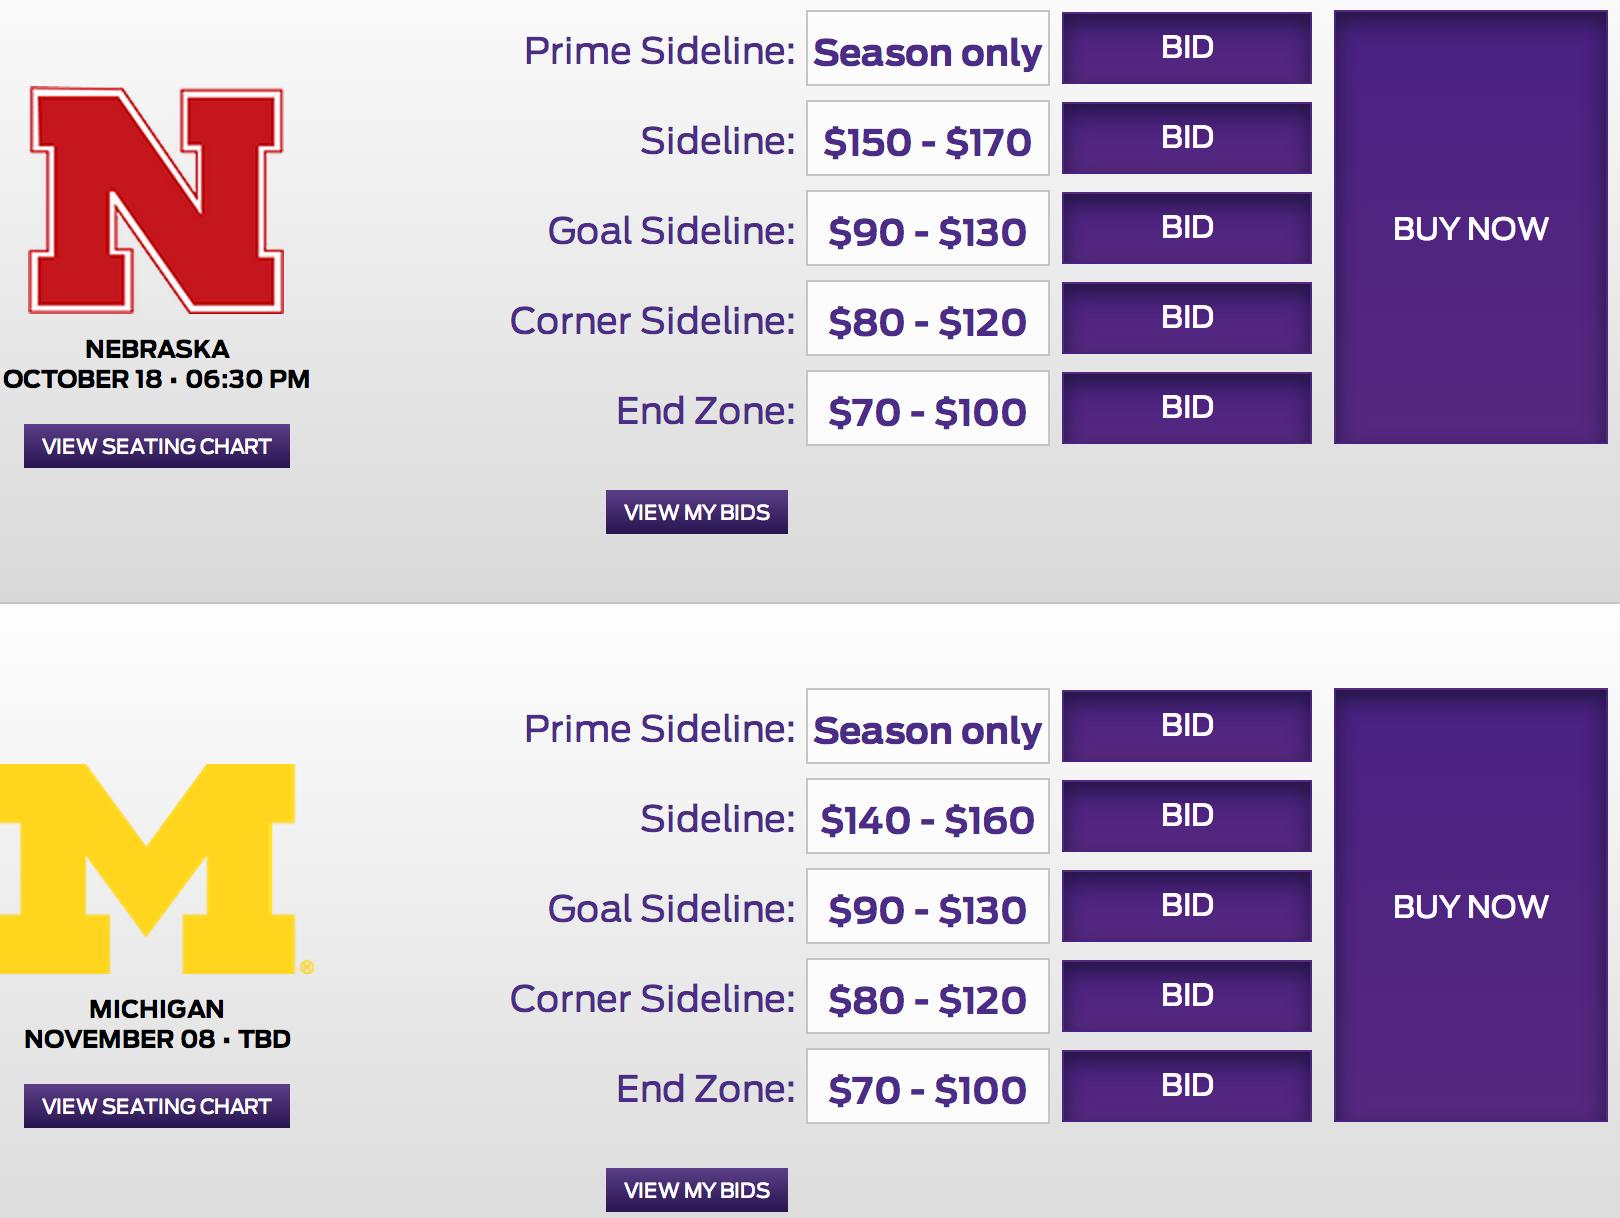 Nebraska, Michigan are this year's Purple Pricing games